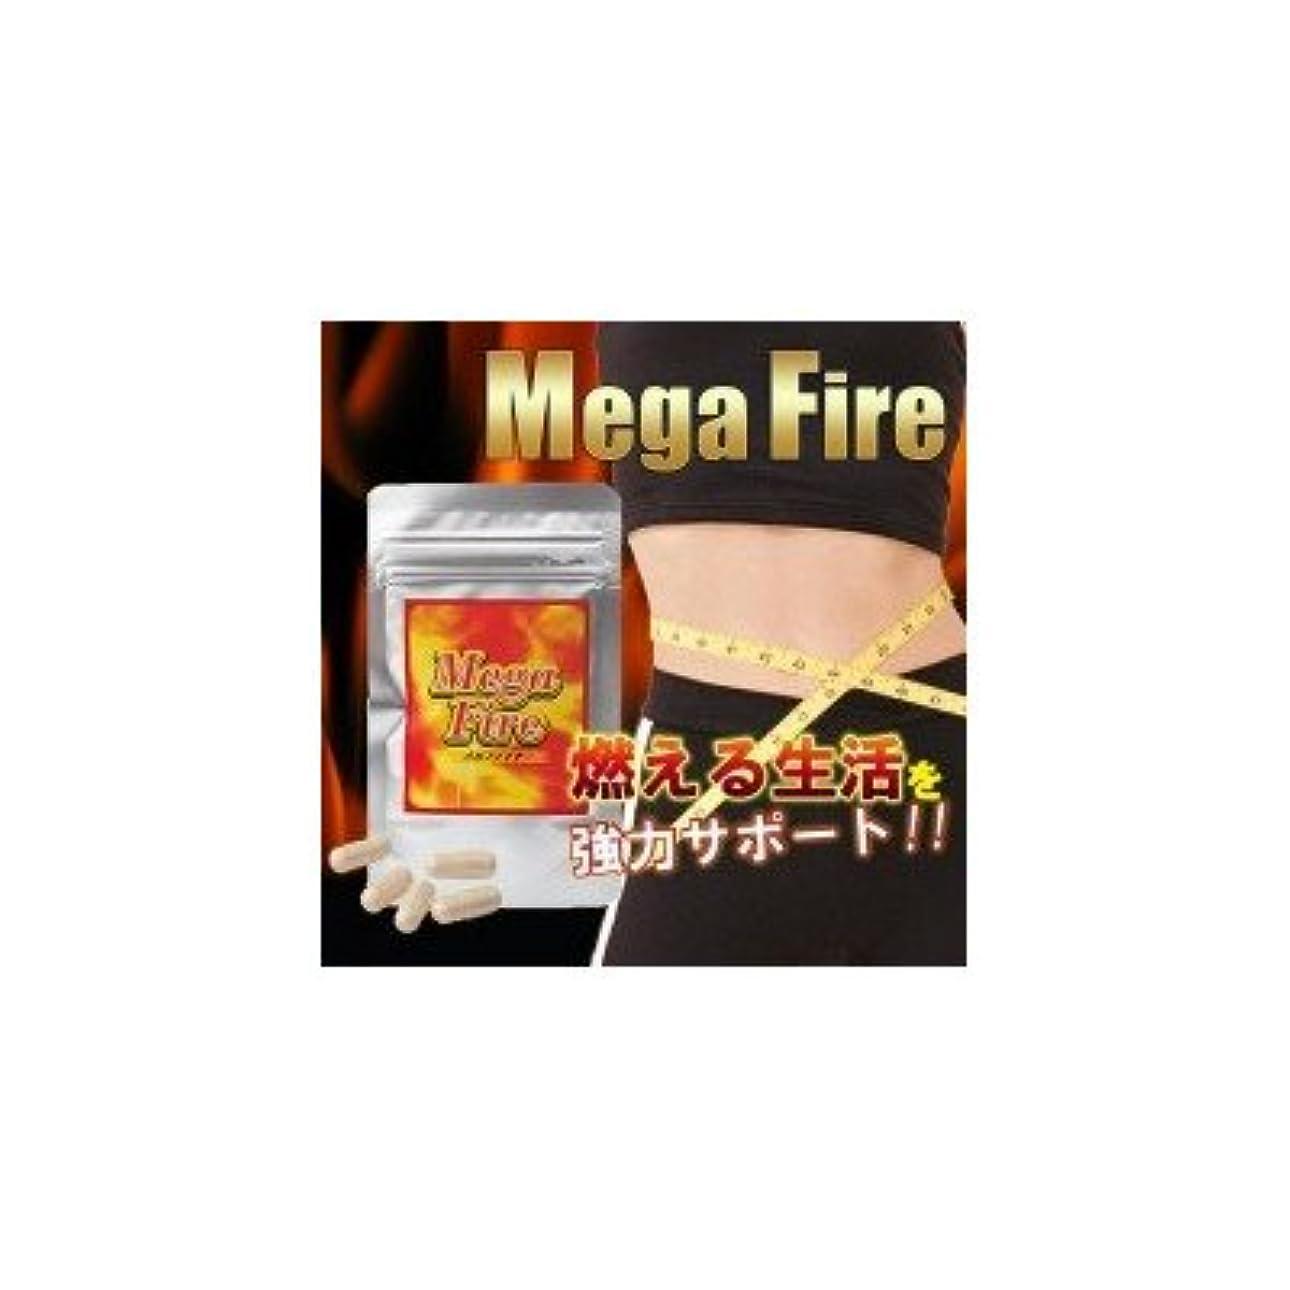 消去イサカなにMega-Fire(メガファイア) 13.9g(377mg(1粒内容量300mg)×37カプセル)